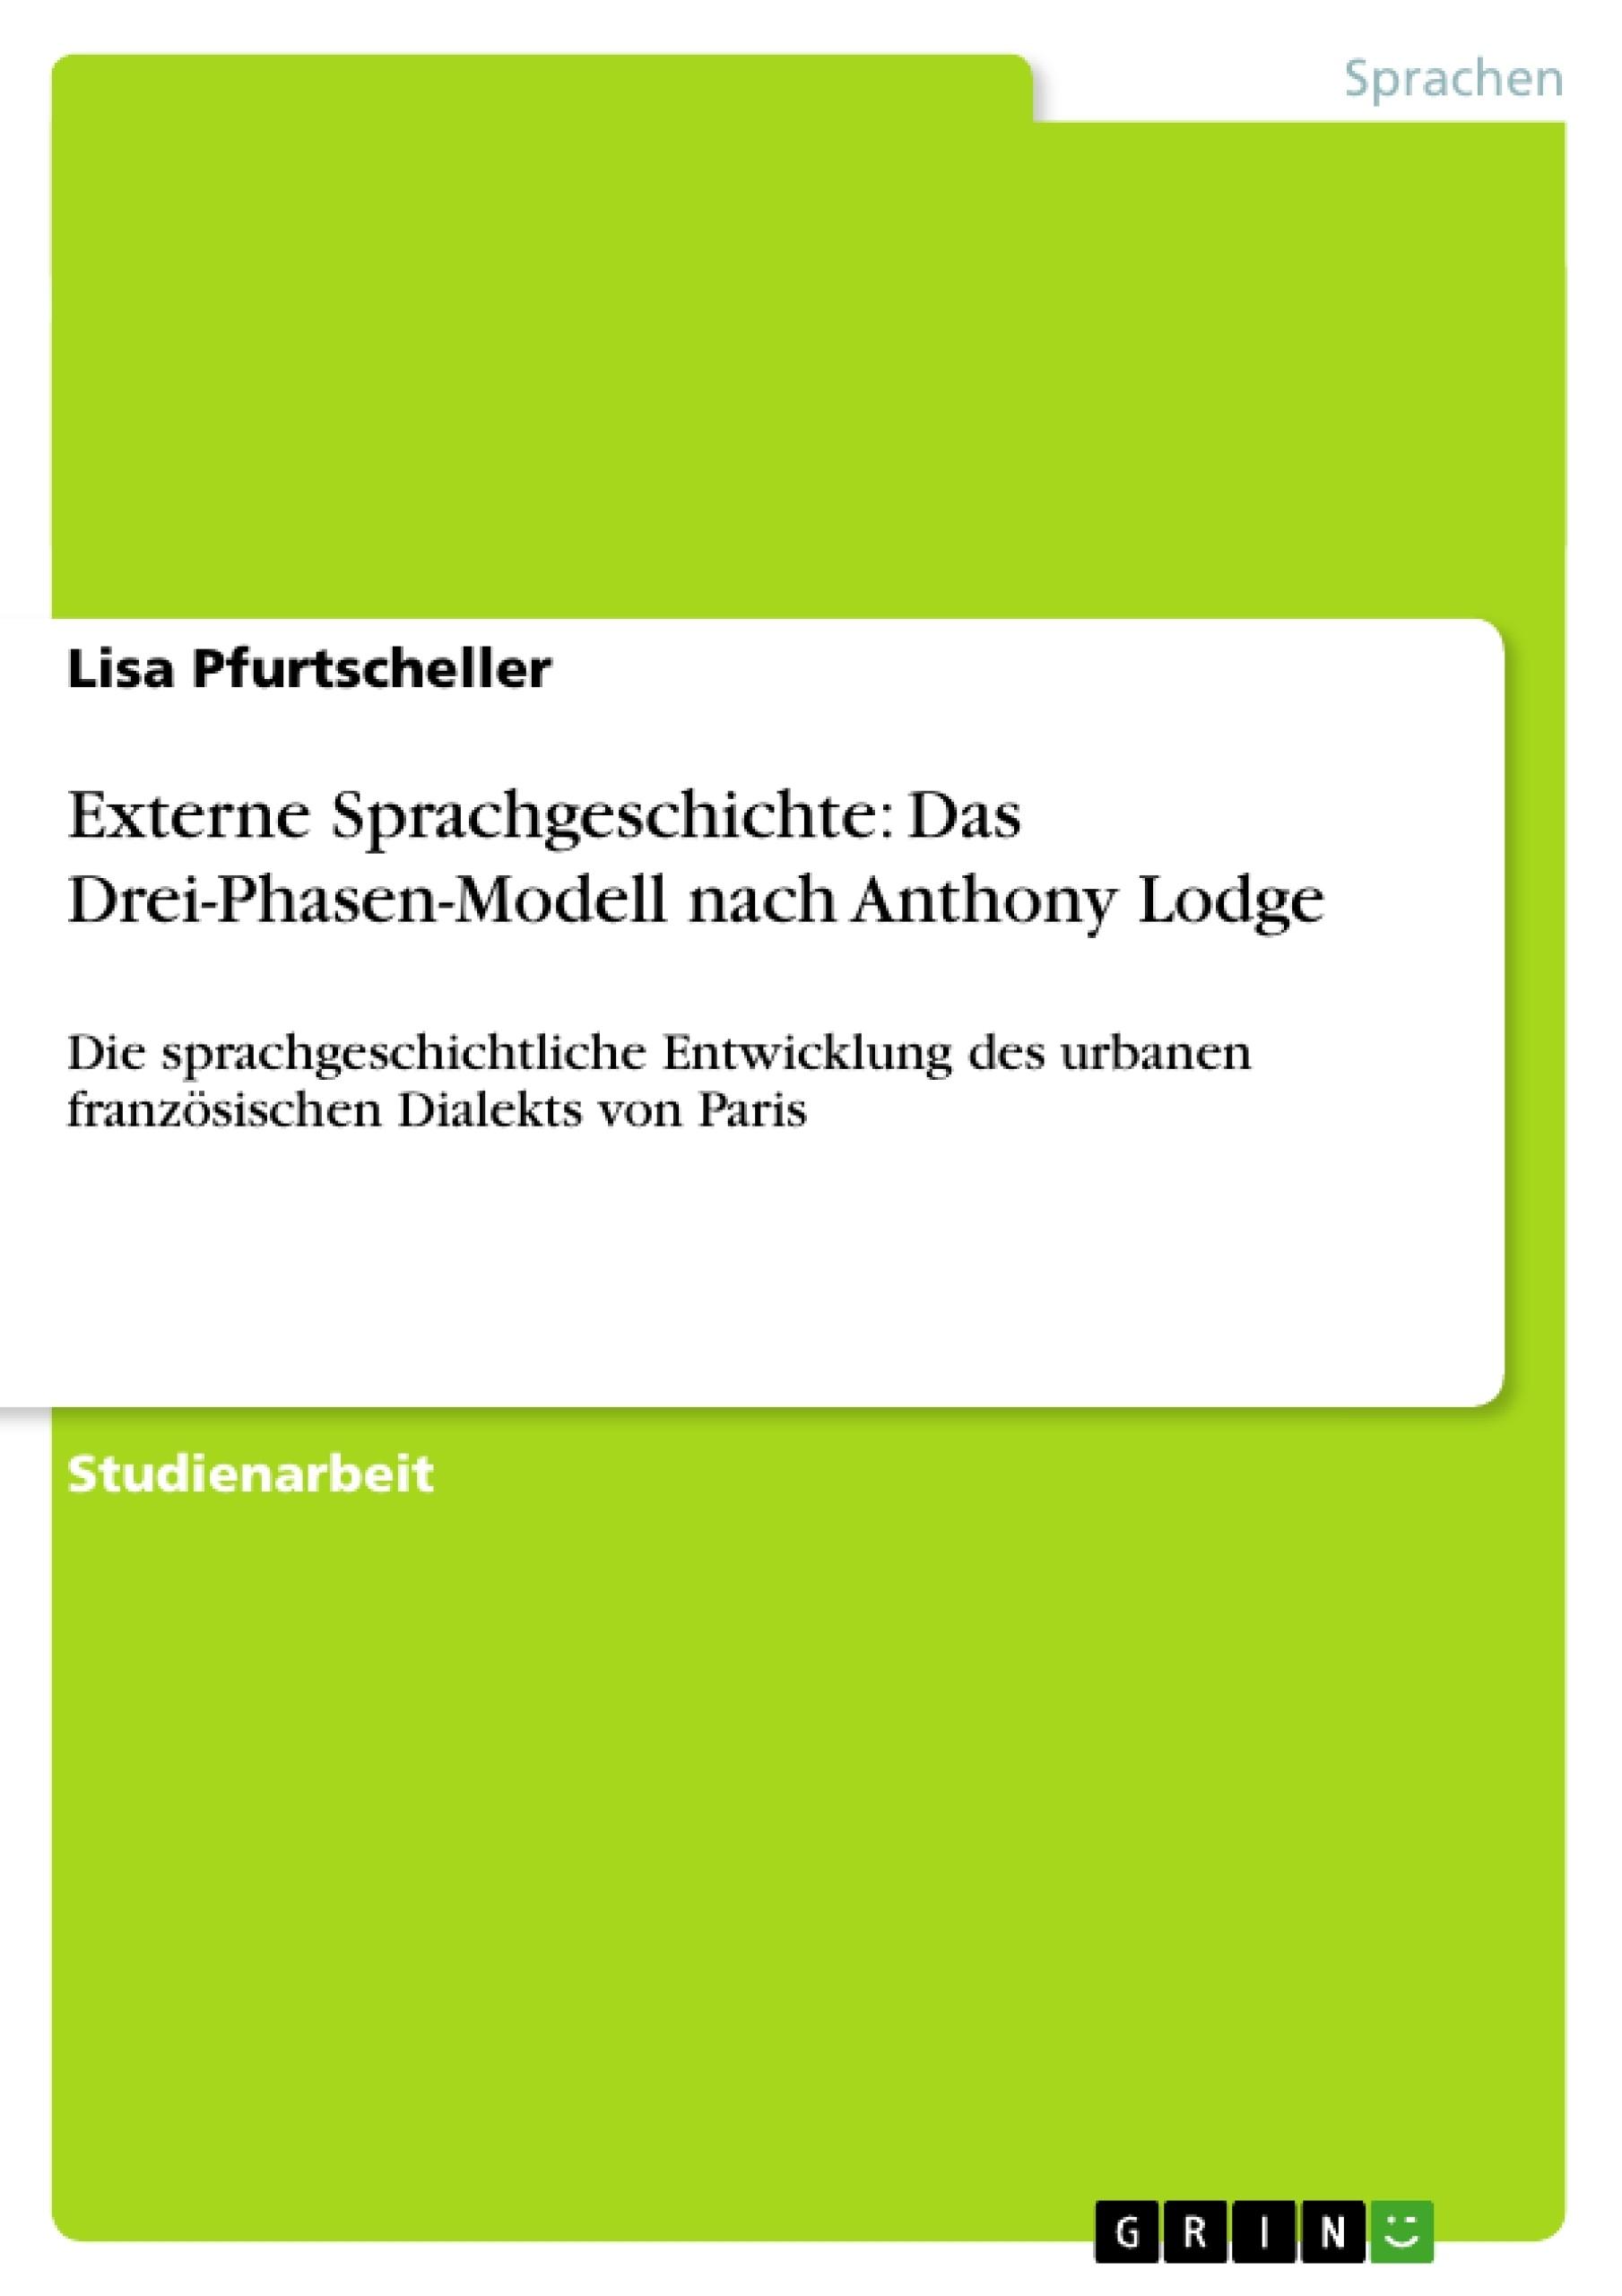 Titel: Externe Sprachgeschichte: Das Drei-Phasen-Modell nach Anthony Lodge